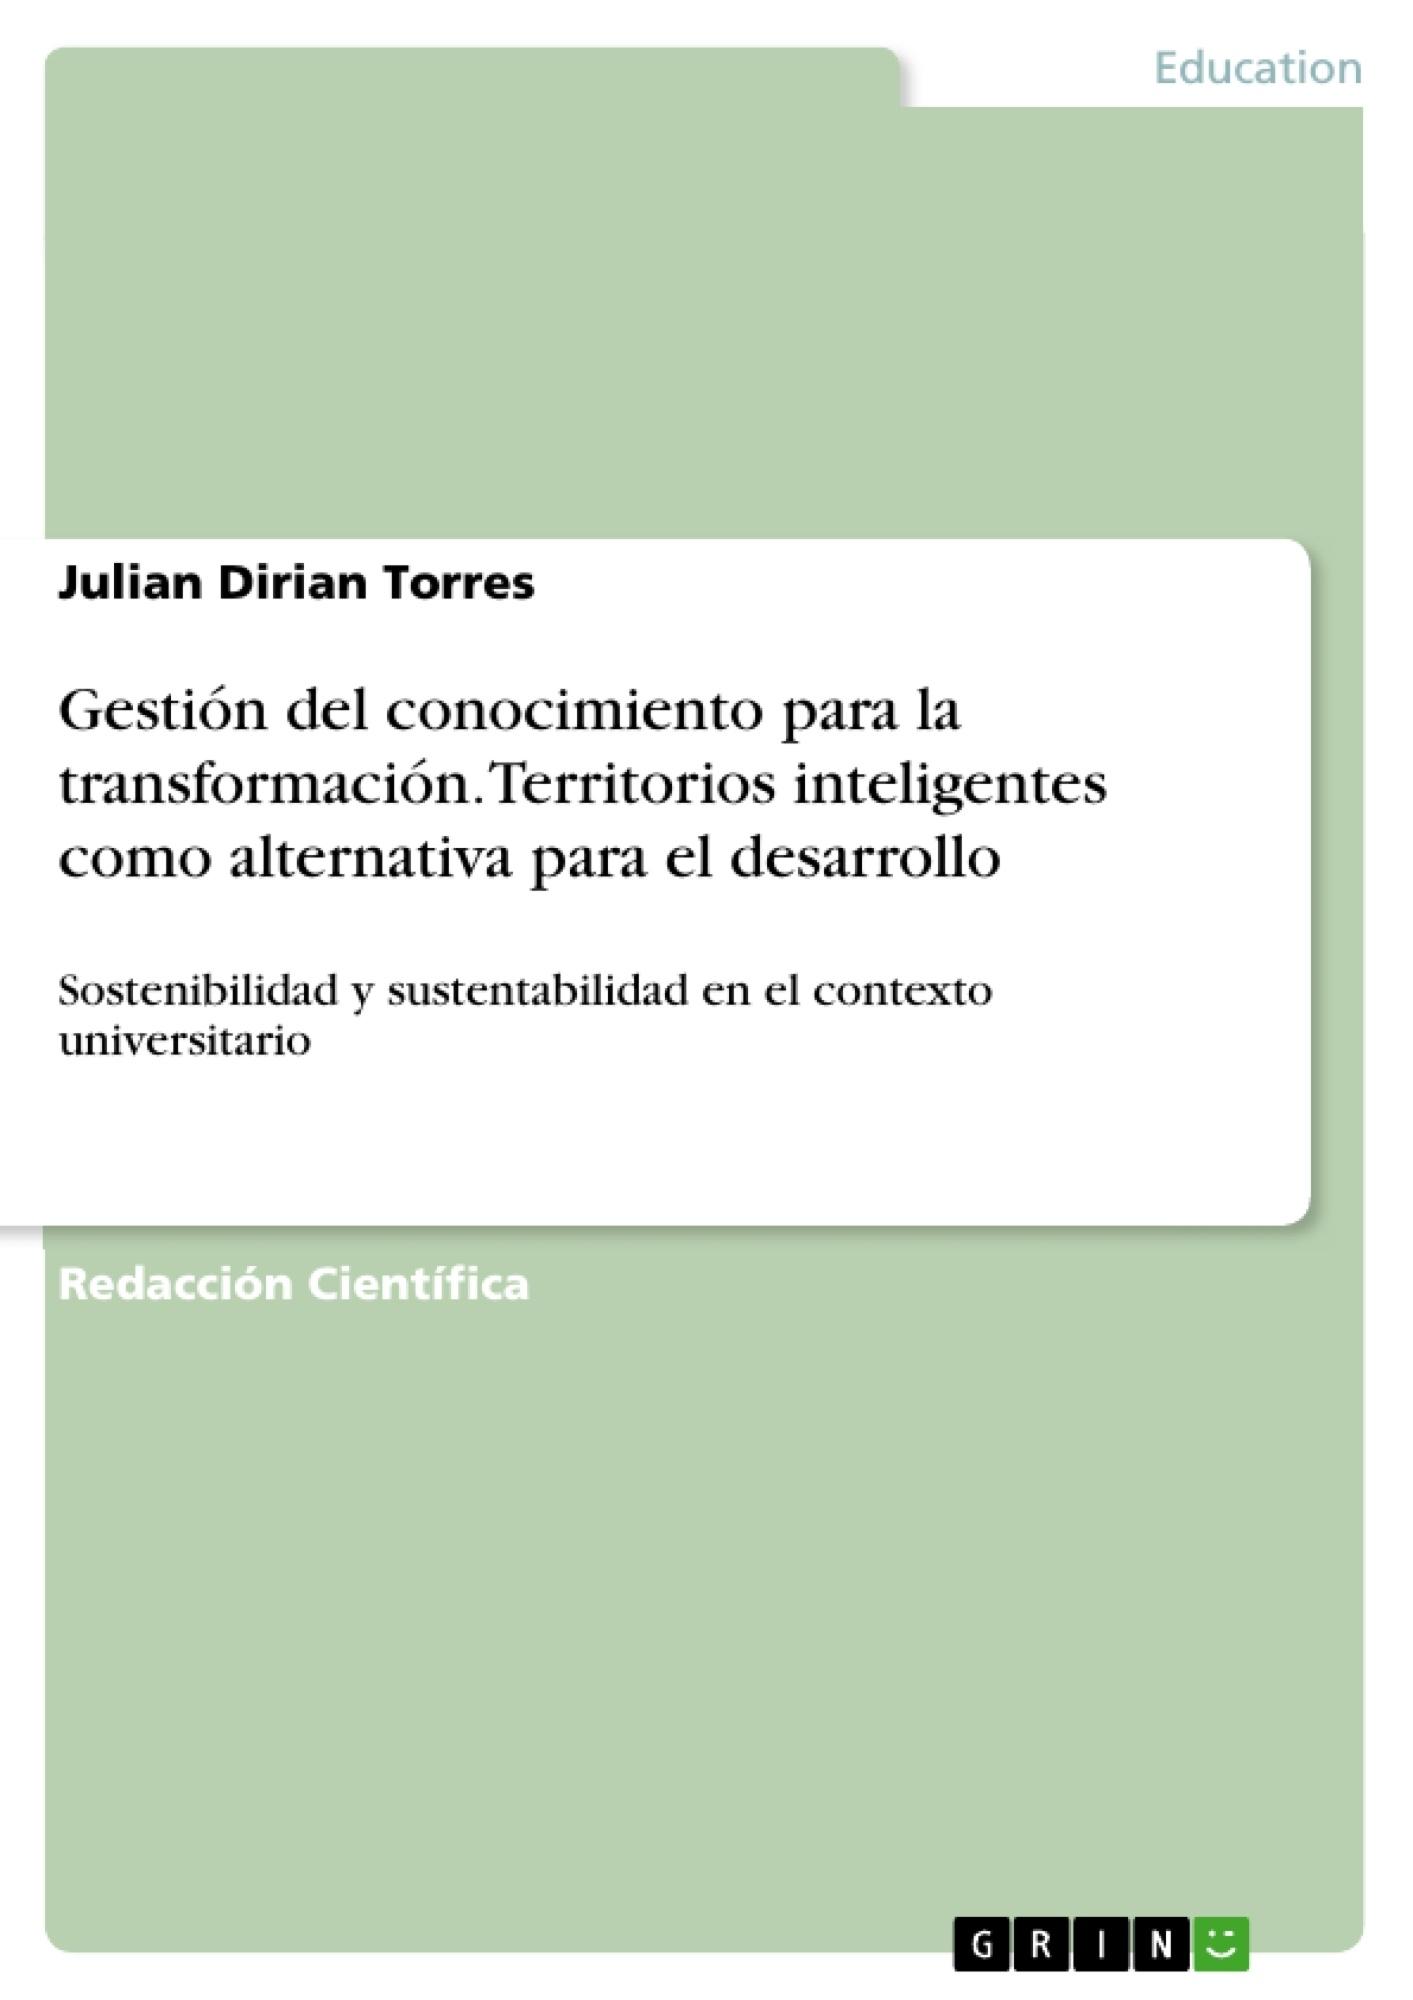 Título: Gestión del conocimiento para la transformación. Territorios inteligentes como alternativa para el desarrollo